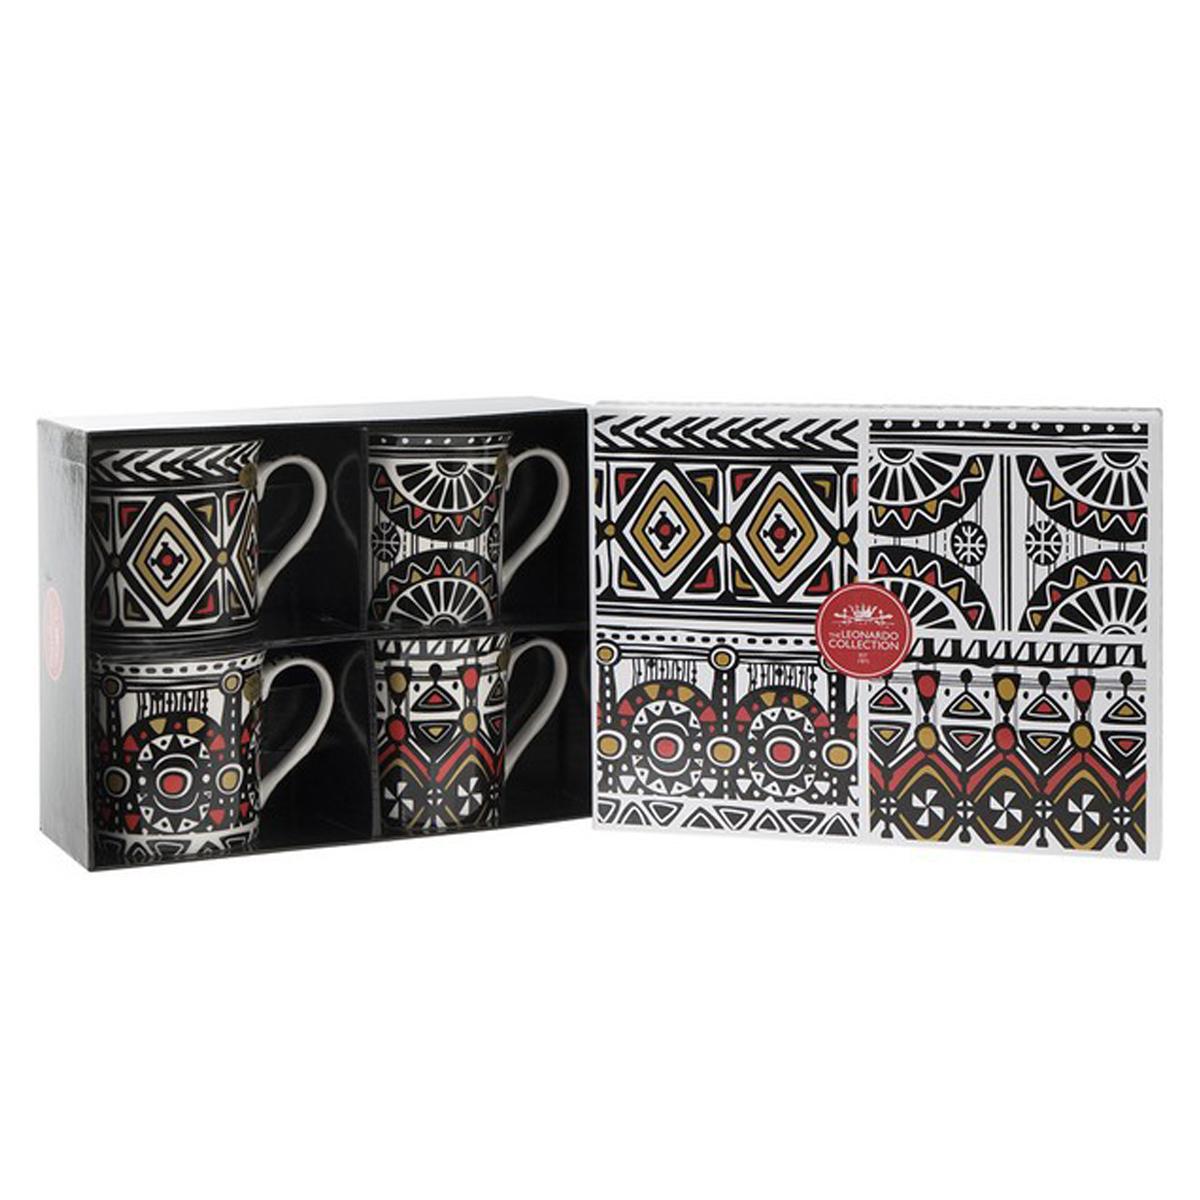 Coffret mugs porcelaine \'Tribal\' noir blanc (4 mugs) - 85x85 mm - [Q1578]